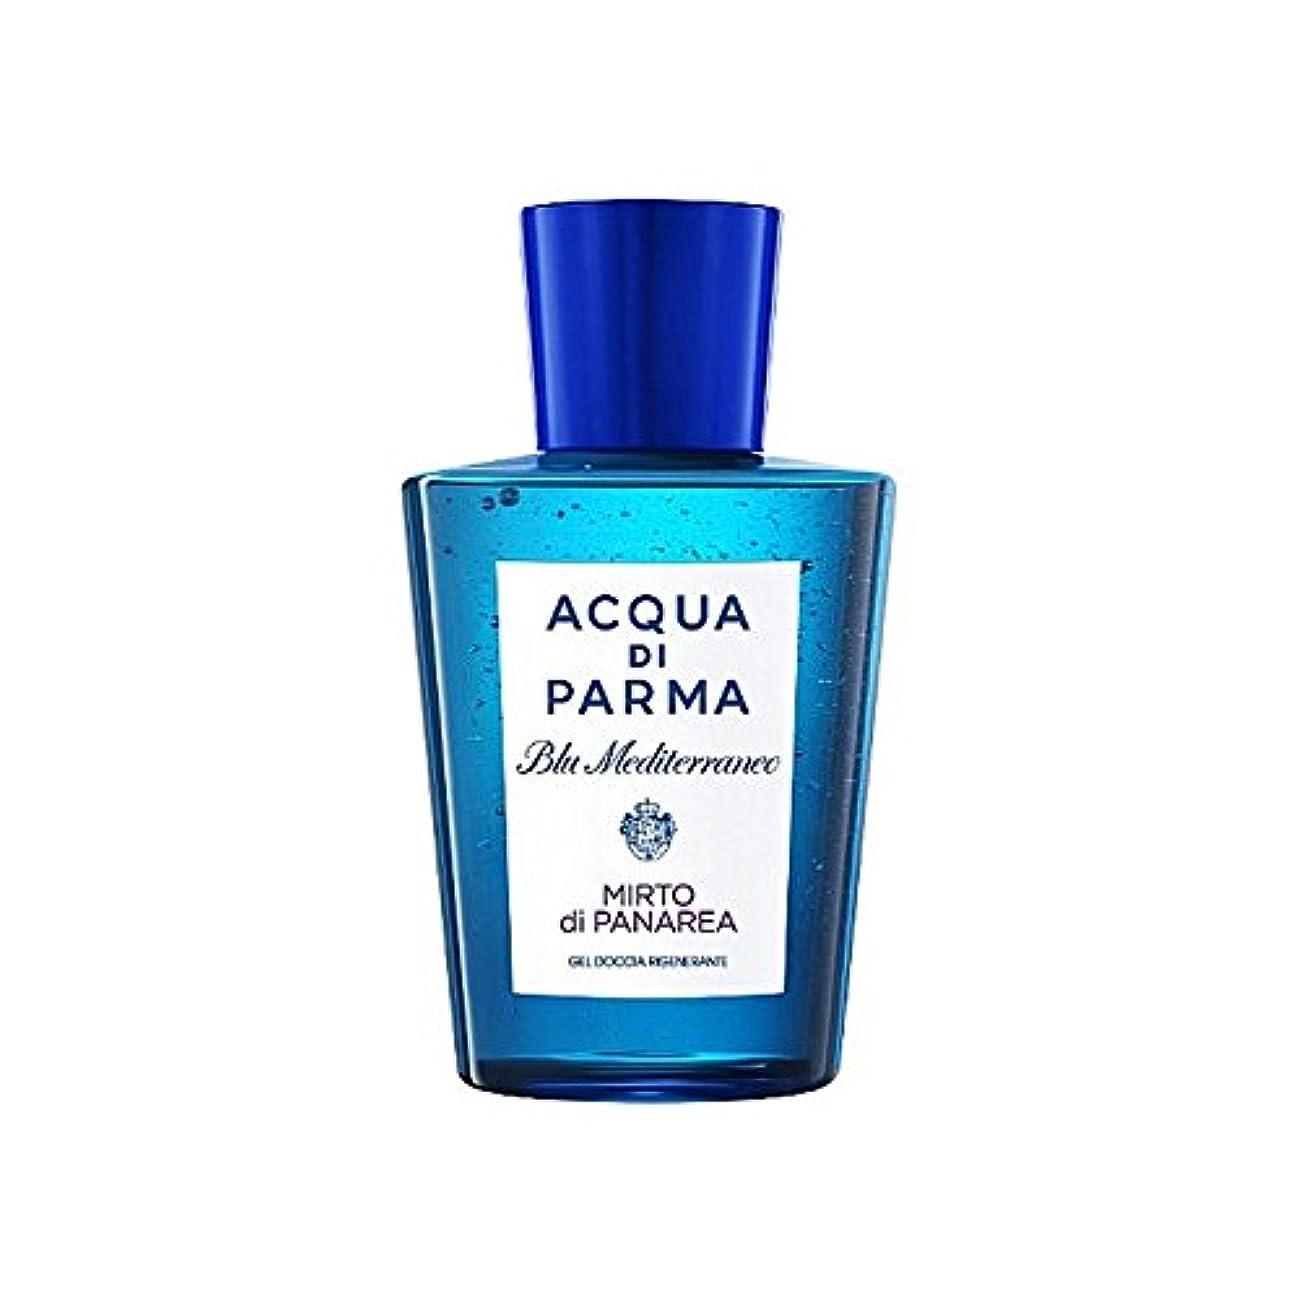 怠魔術賞賛するAcqua Di Parma Blu Mediterraneo Mirto Di Panarea Shower Gel 200ml - アクアディパルマブルーメディミルトディパナレアシャワージェル200 [並行輸入品]